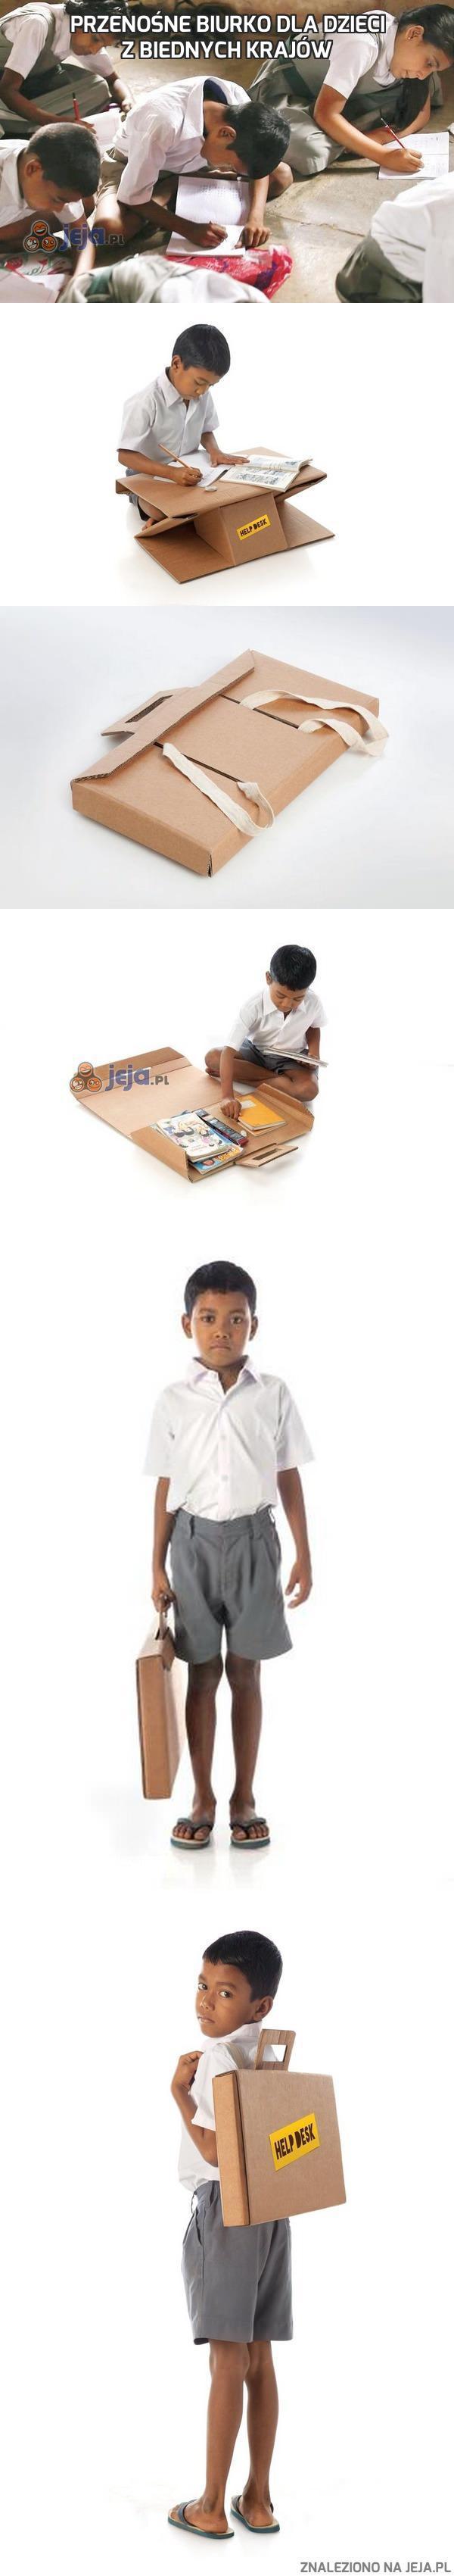 Przenośne biurko dla dzieci z biednych krajów